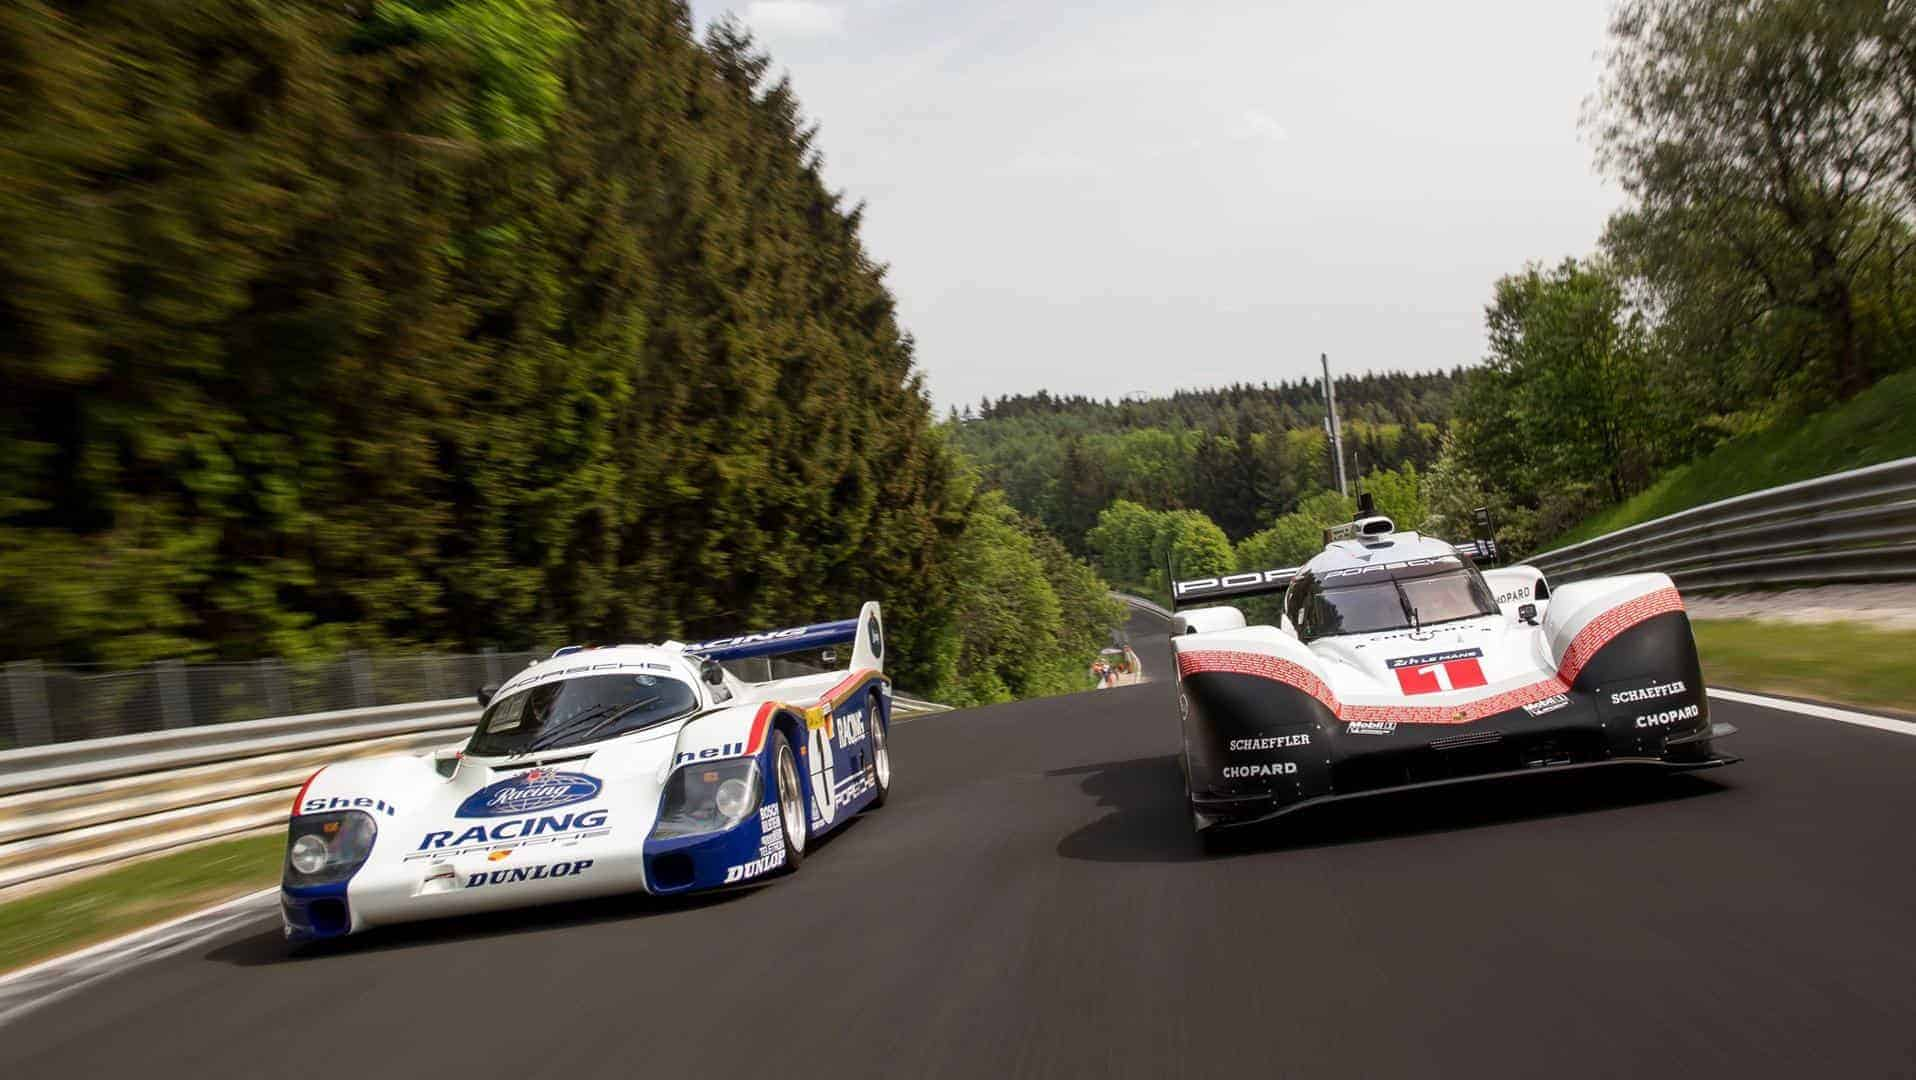 Porsche 956 and 919 Hybrid EVO Nurburgring